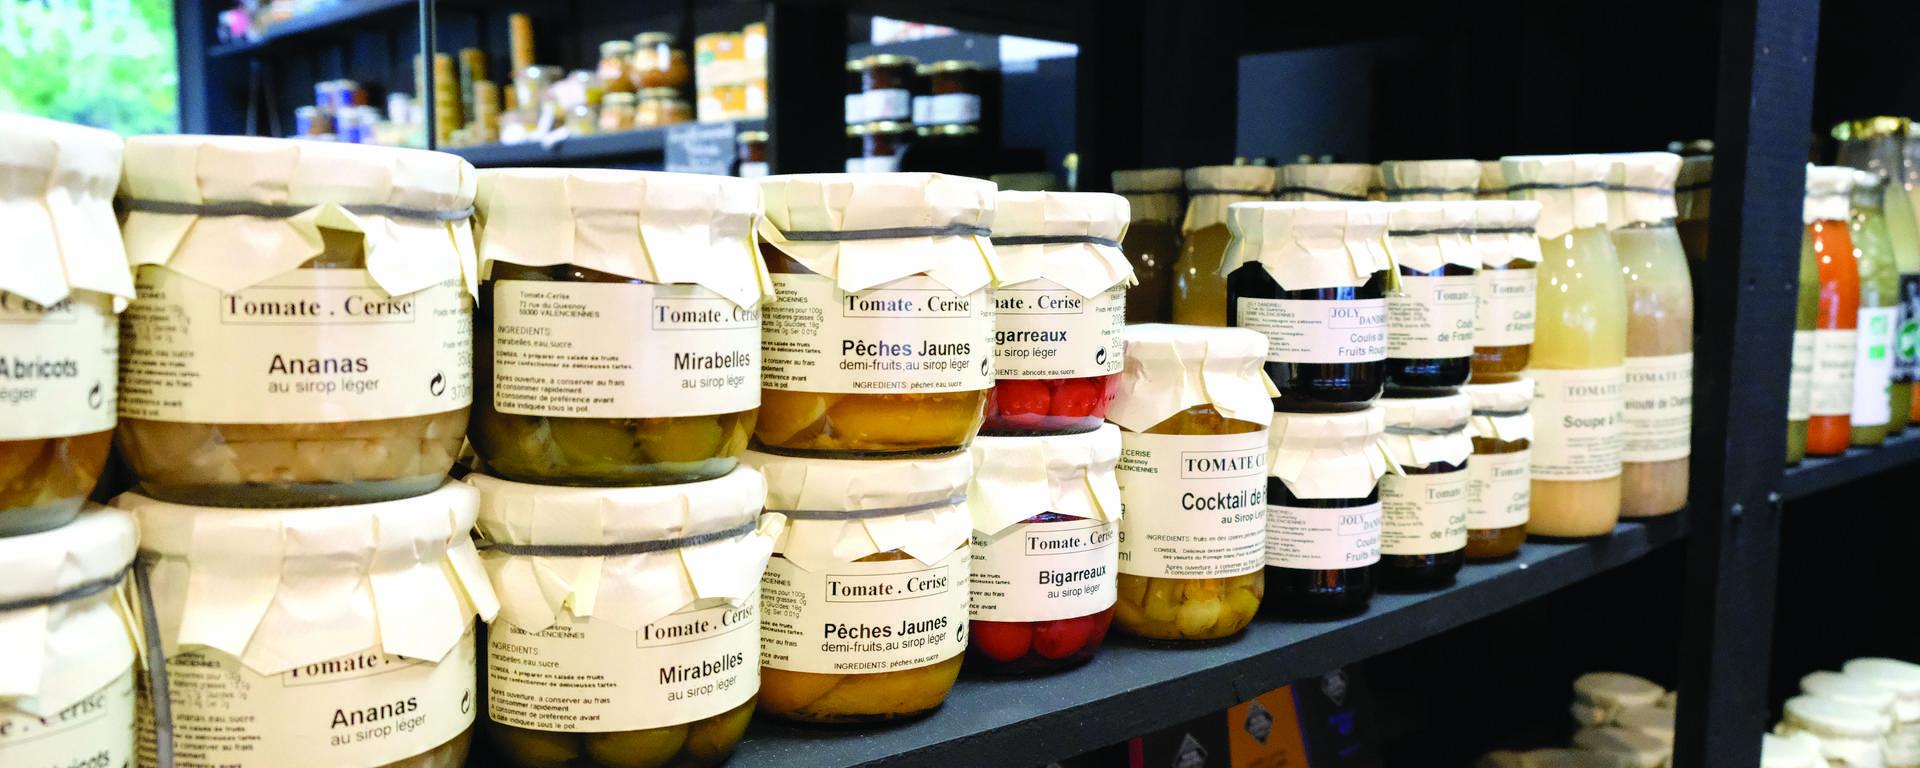 Epicerie Tomate Cerise, rue du Quesnoy à Valenciennes